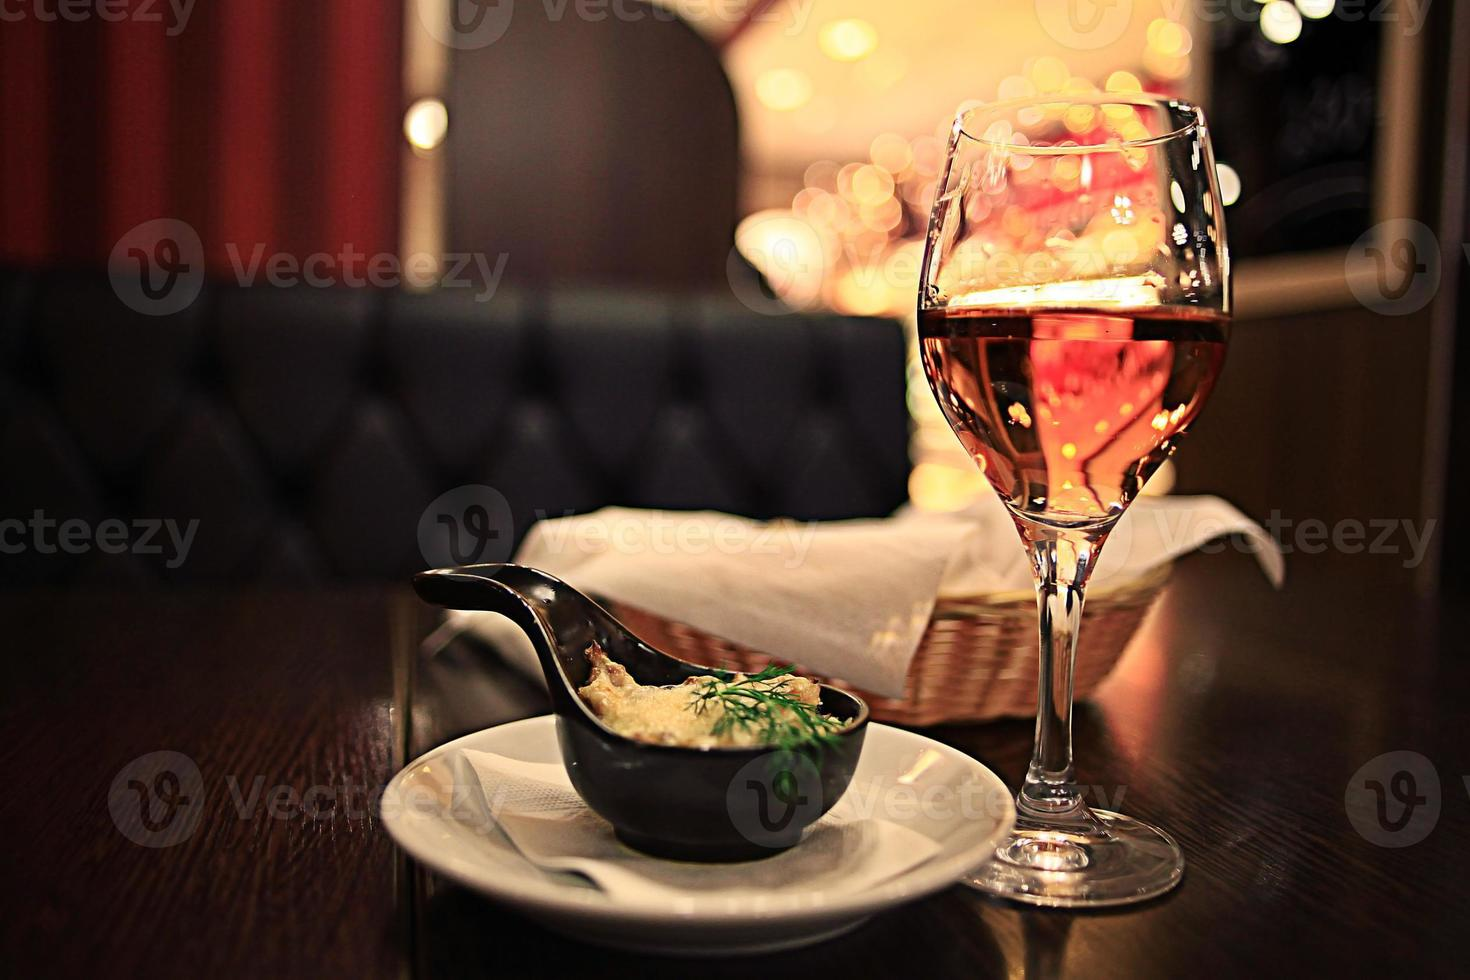 Copa de vino interior restaurante que sirve cenas foto